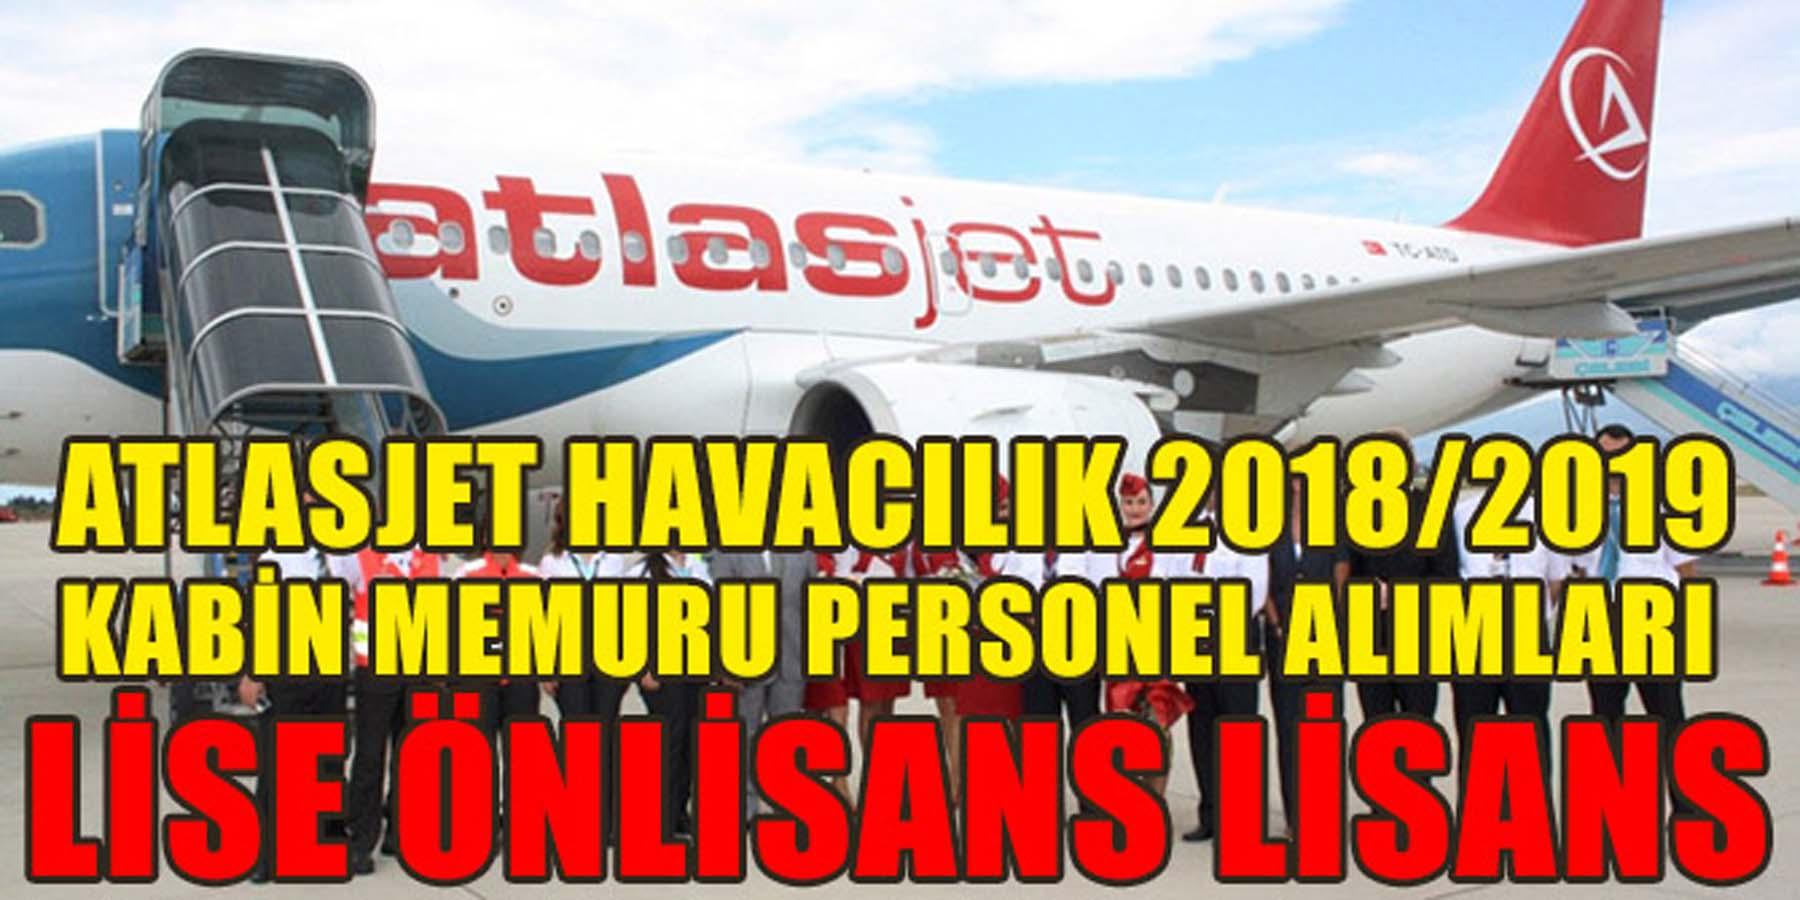 Atlasjet Havacılık 2018/2019 Yılı Kabin Memuru ve Personel Alımları